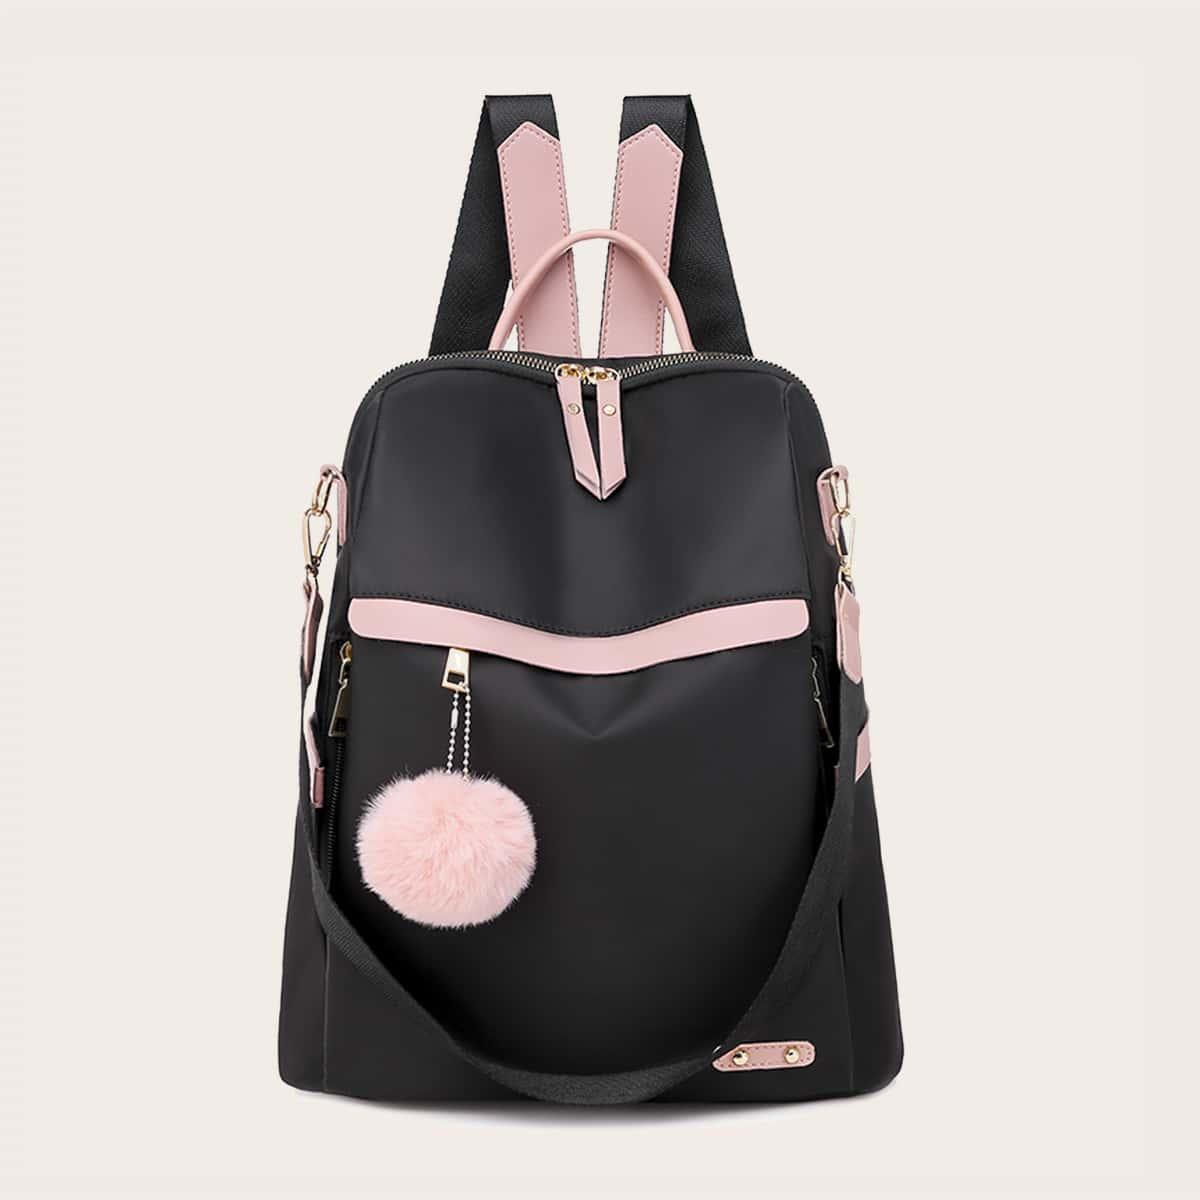 Рюкзак на молнии с помпоном